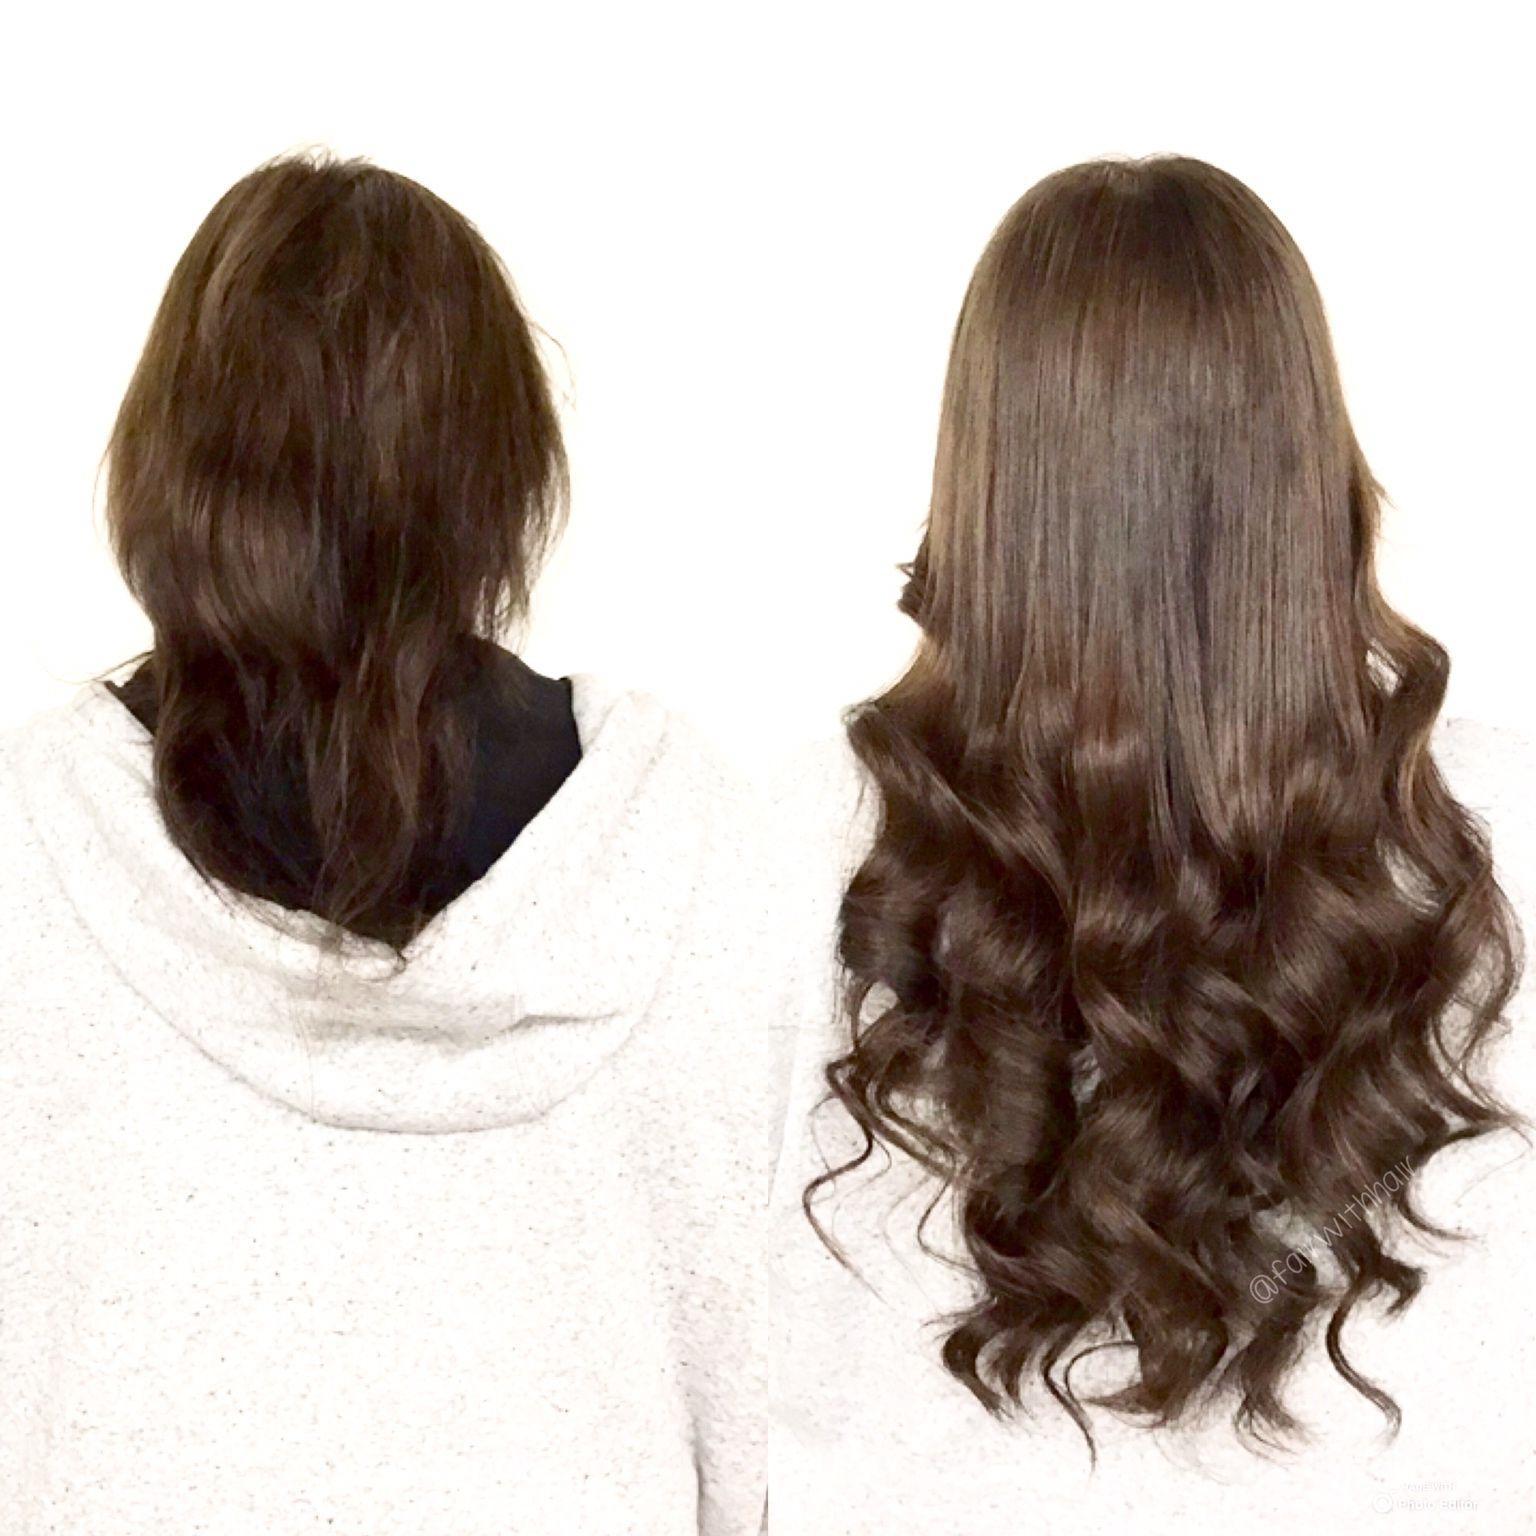 hårförlängning bästa metoden